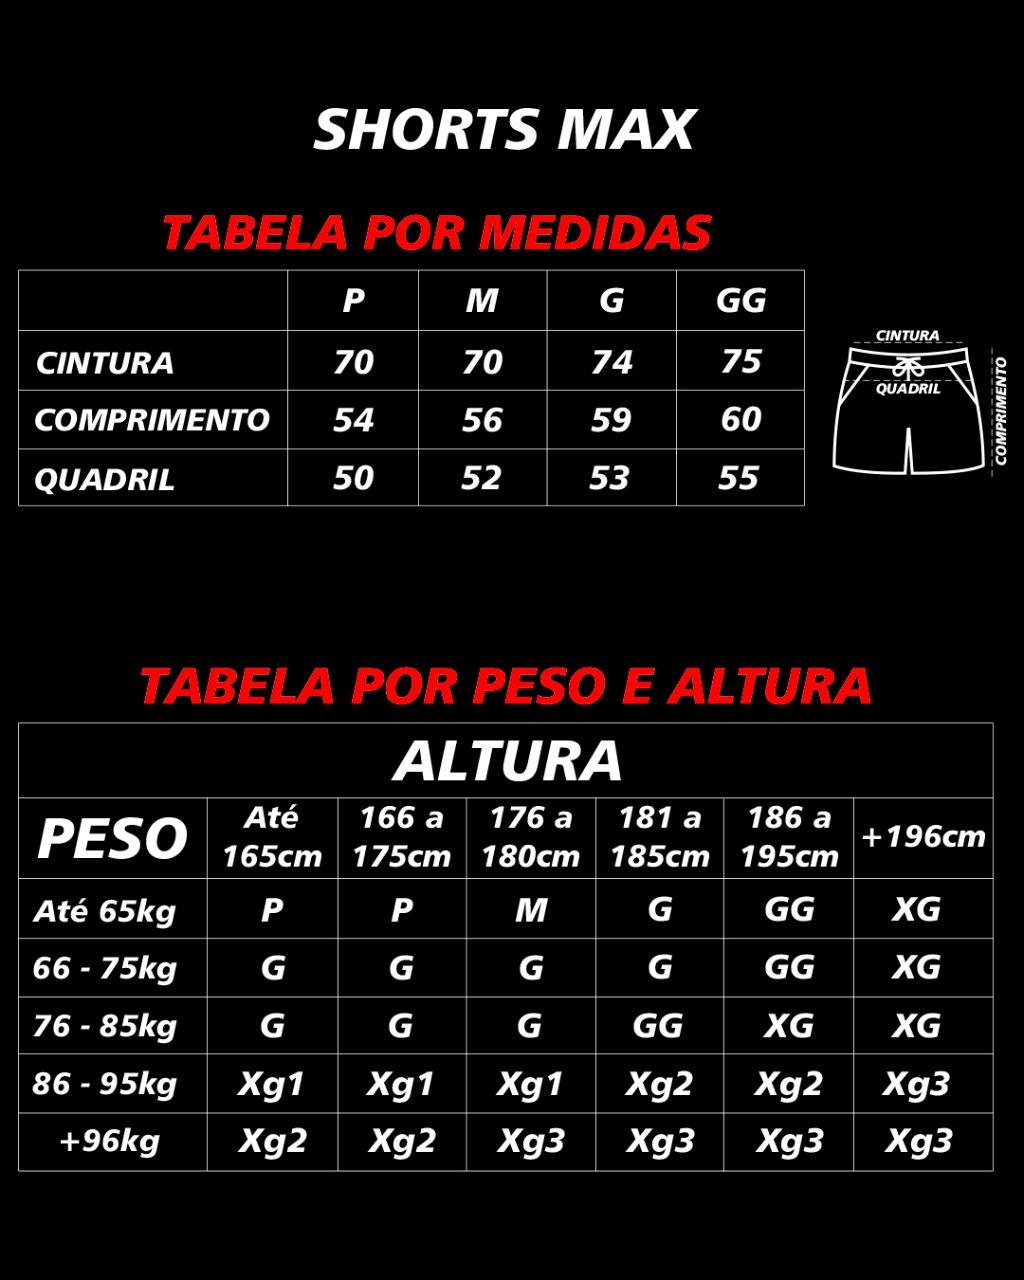 Kit Black - 2 Shorts Max - Black Training Intense